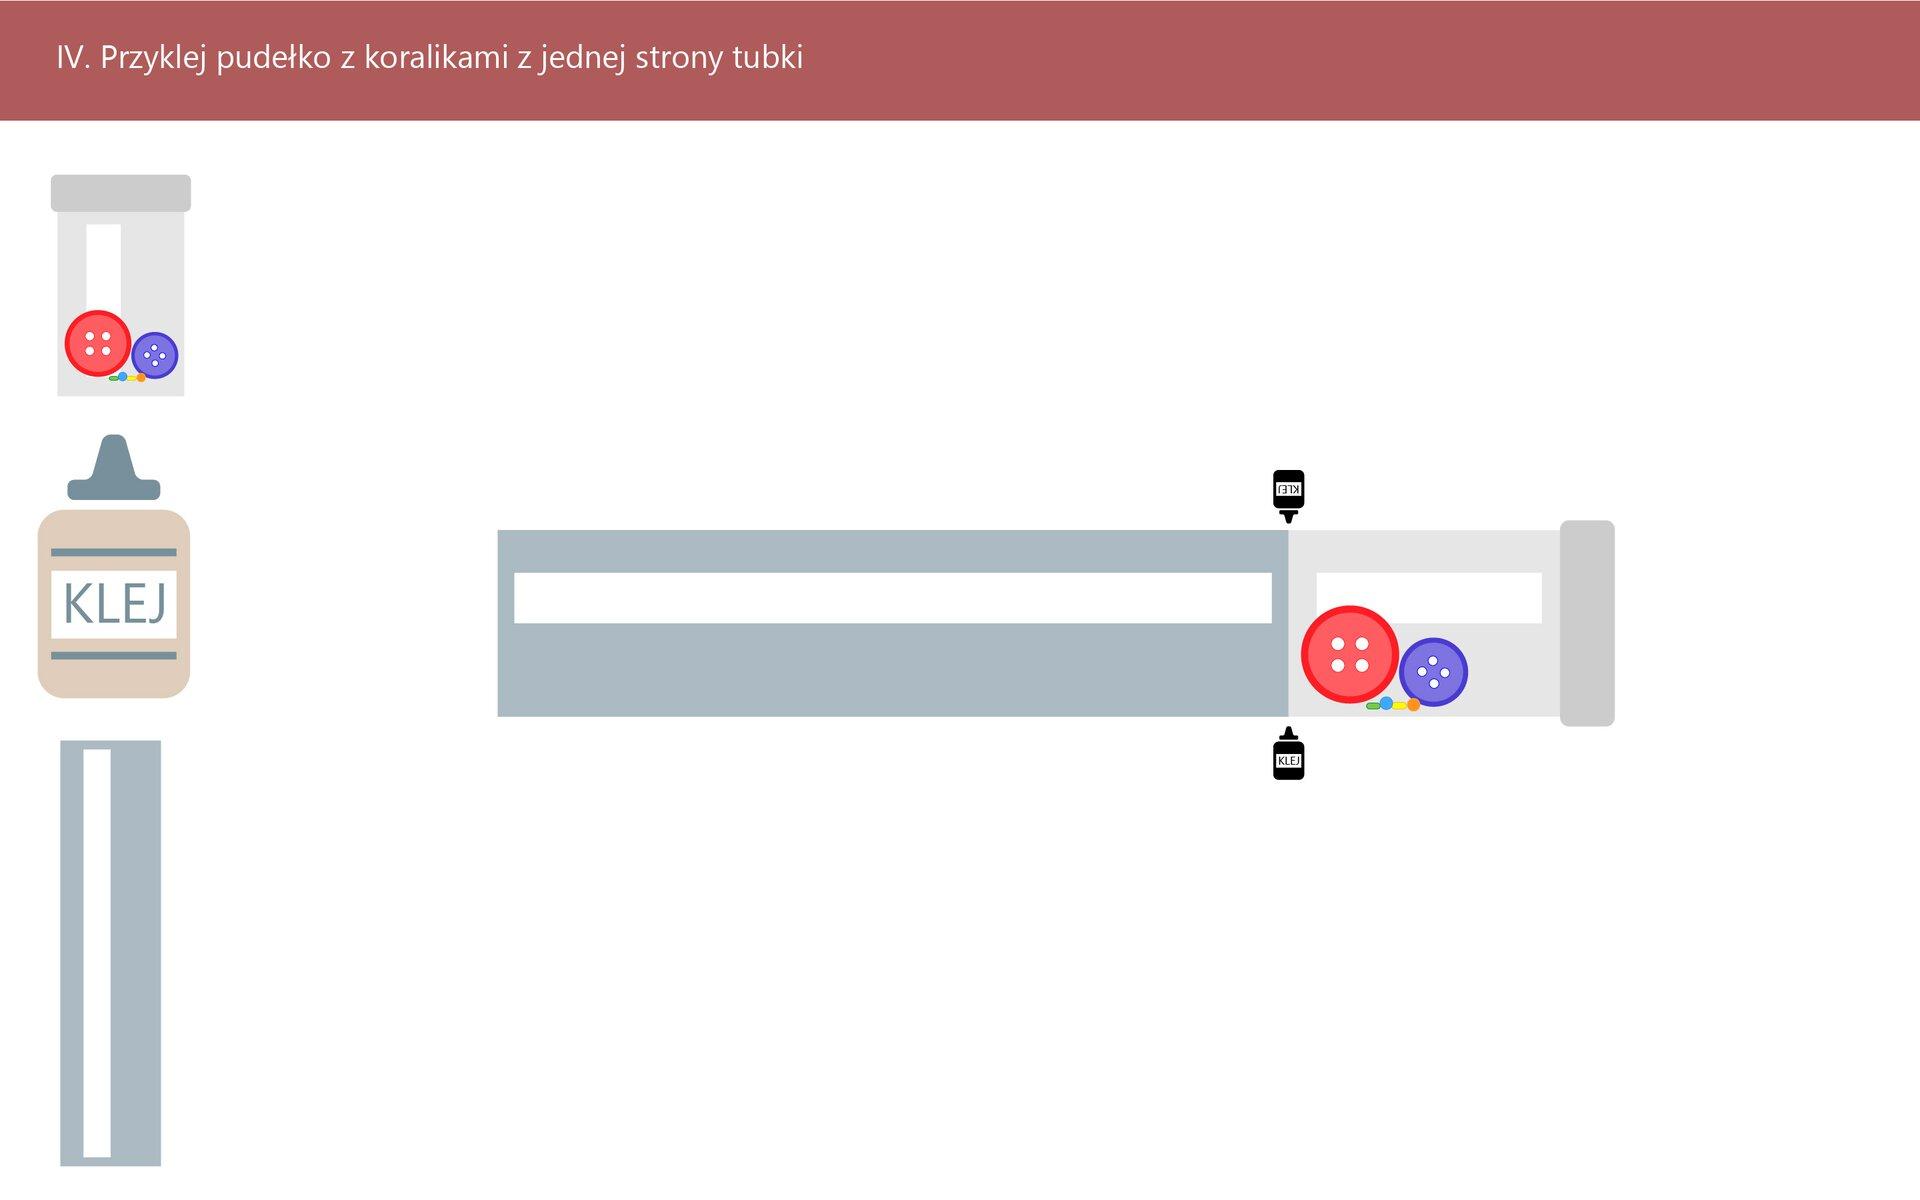 """Ilustracja przedstawia instrukcję wykonania własnego kalejdoskopu. Na górze grafiki znajduje się ramka znapisem """"IV. Przyklej pudełko zkoralikami zjednej strony tubki"""". Poniżej umieszczone są ikonki ukazujące: pudełko po farbce zguzikami ikoralikami, klej, tuba oraz obrazek demonstrujący sposób zamontowania pudełka do tuby."""